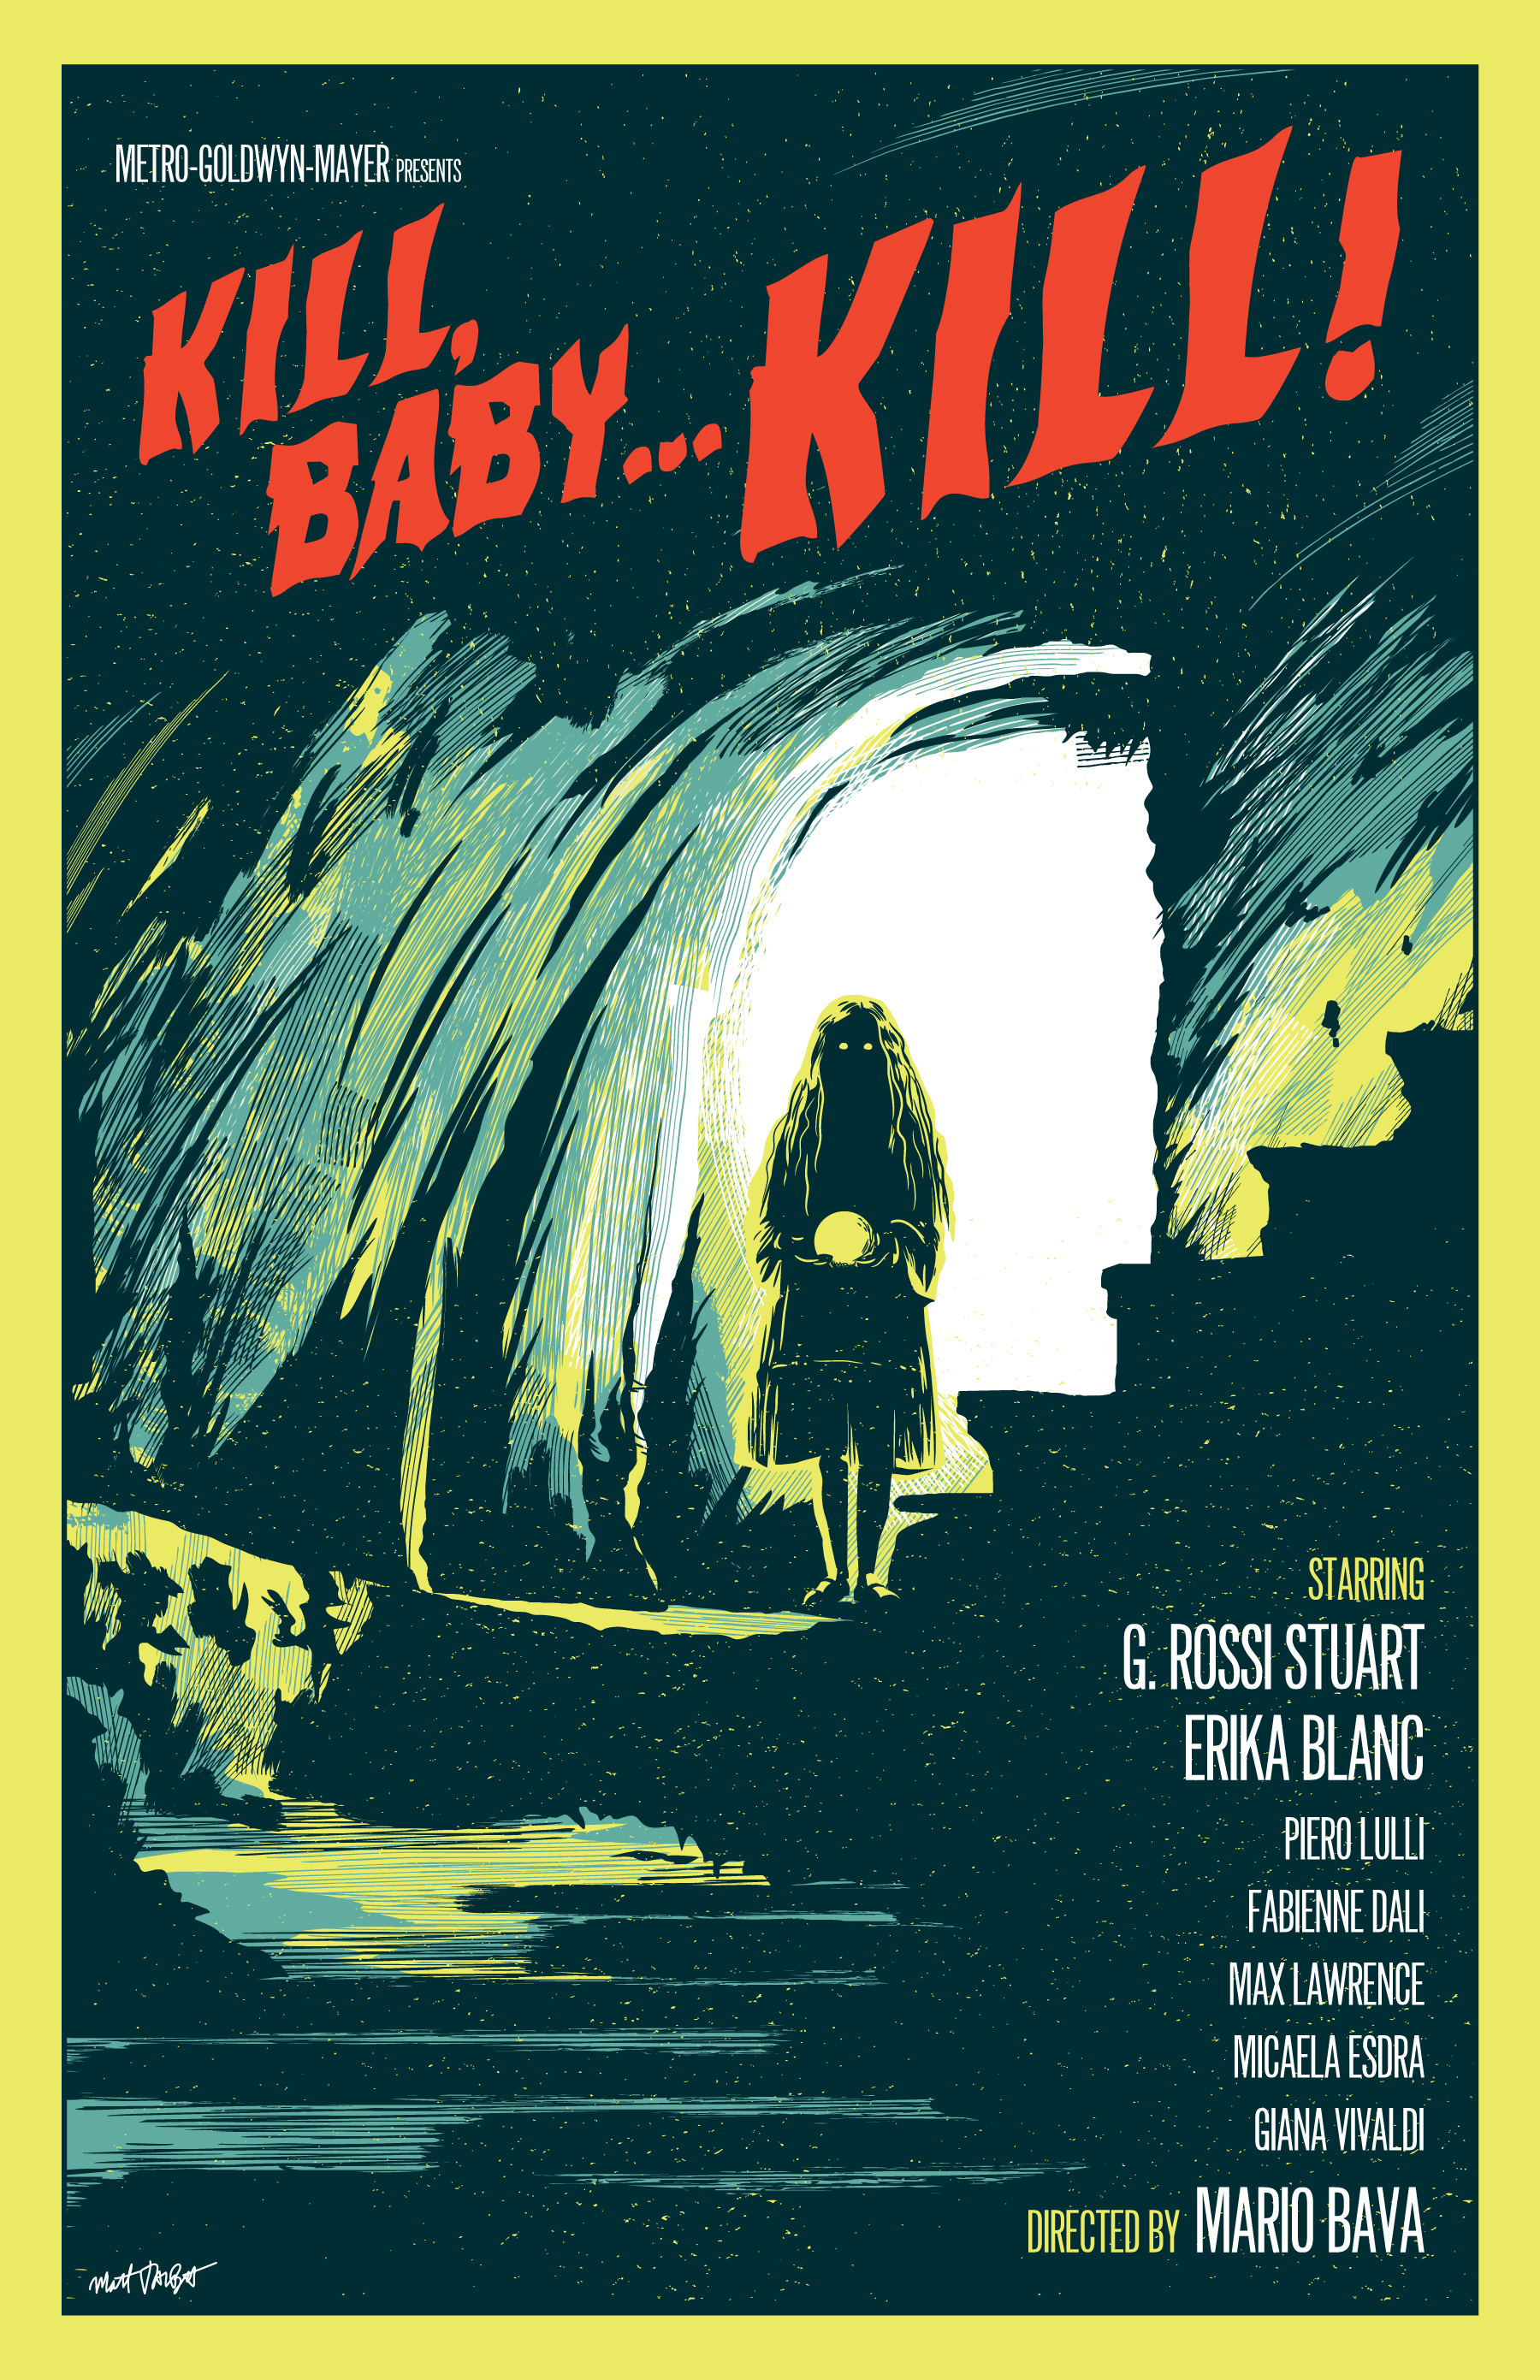 Kill, Baby... Kill! poster by Matt Talbot